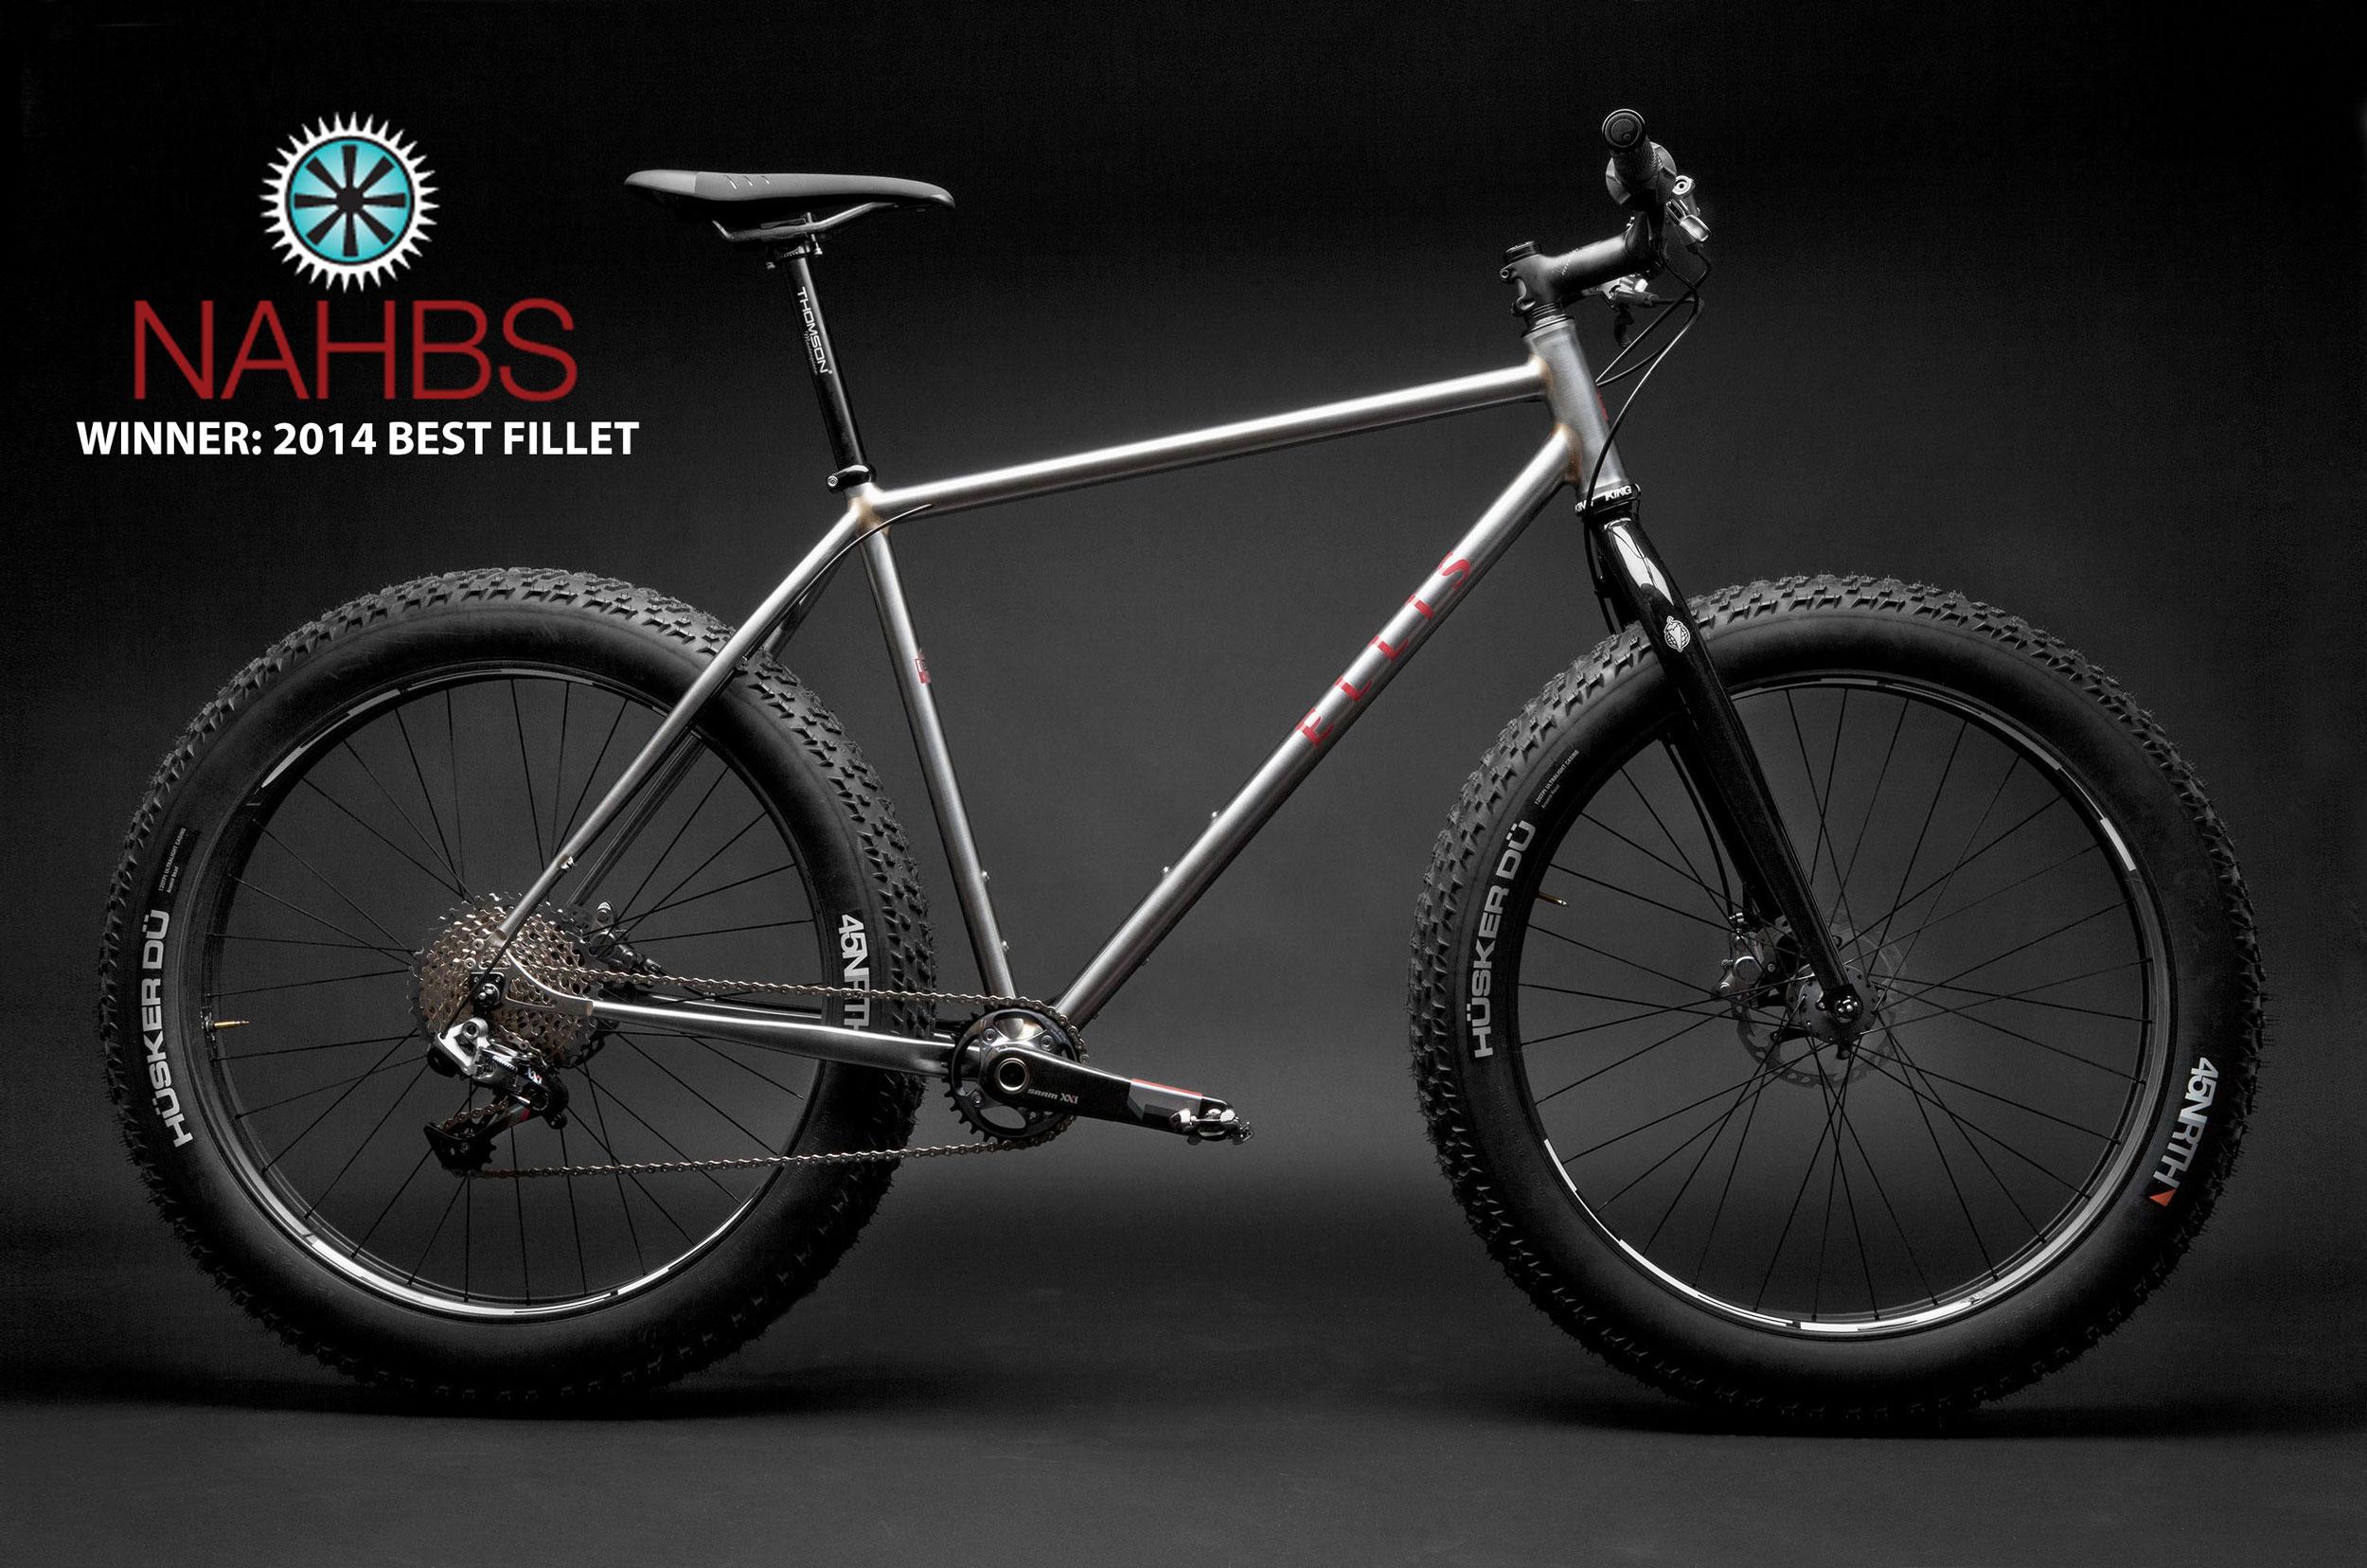 Ellis-cycles-fatbike-NAHBS-best-fillet